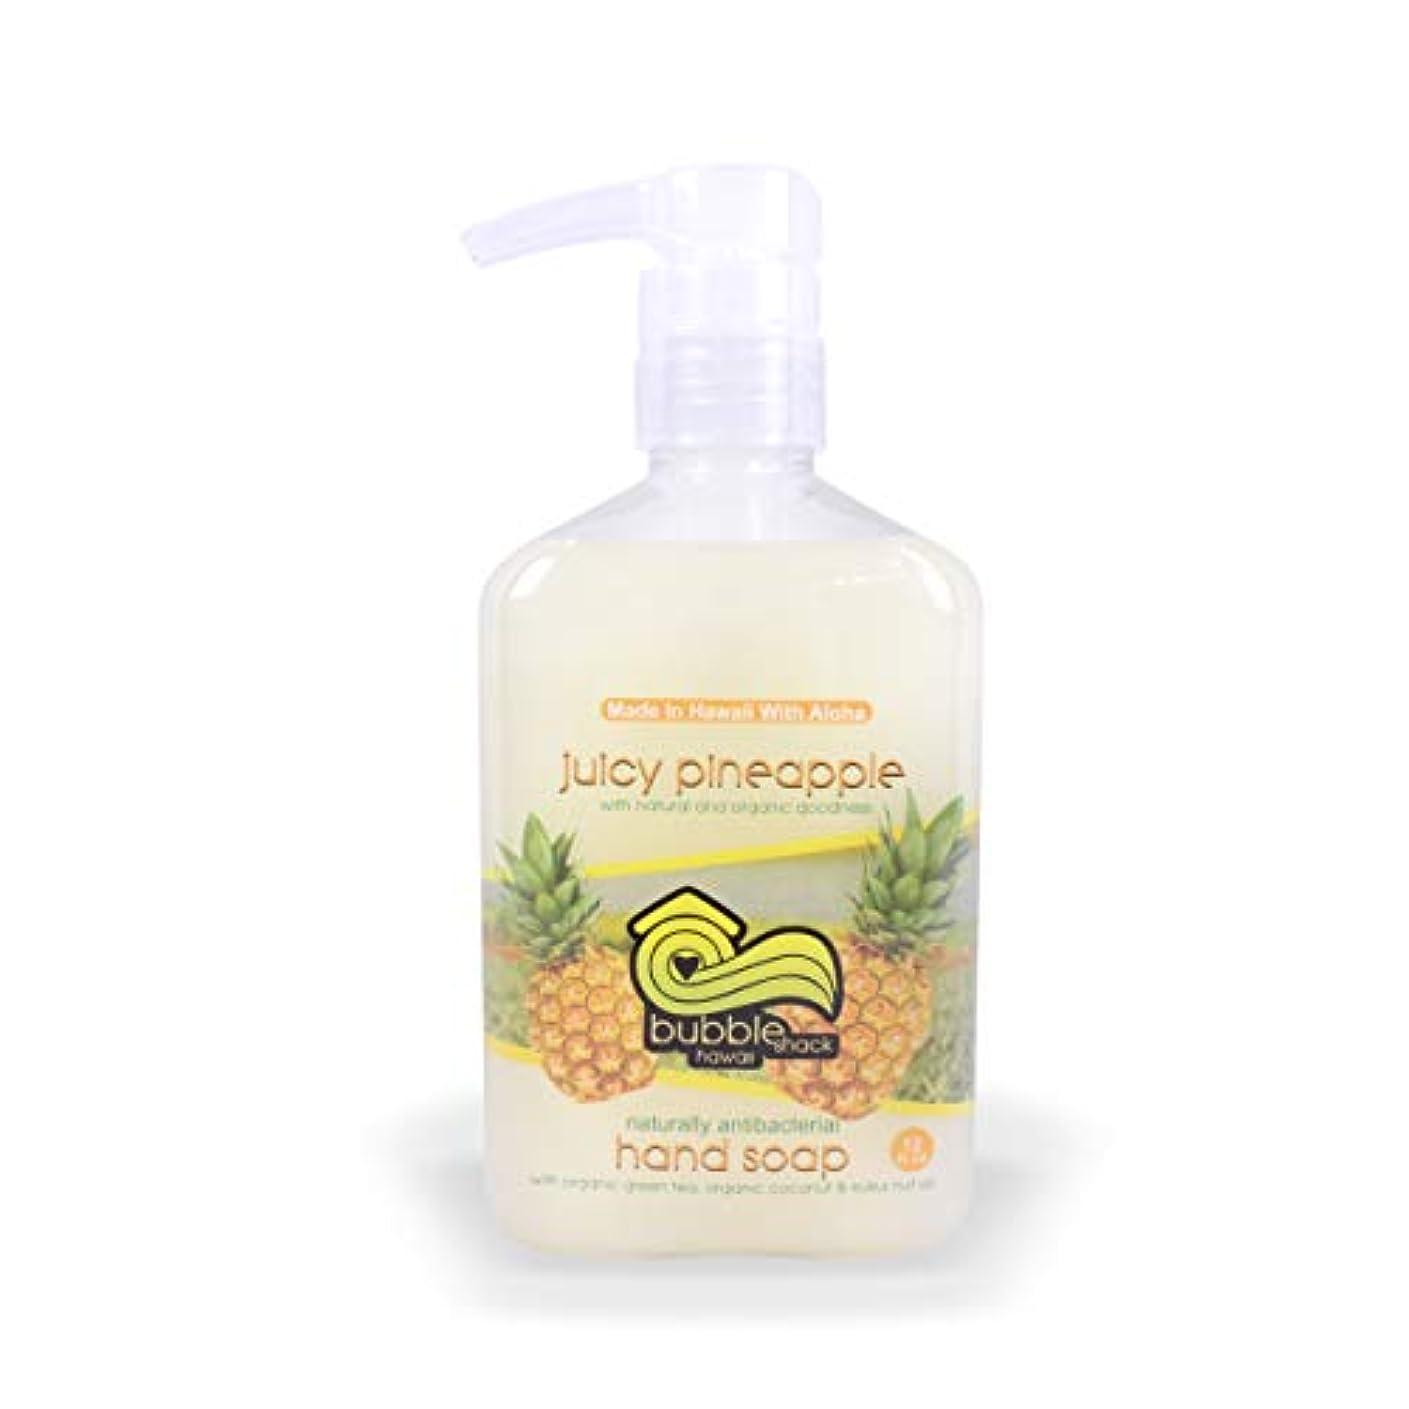 論争的普通に状【正規輸入品】 バブルシャック?ハワイ Bubble shack Hand Soap ハンドソープ juicy pineapple ジューシーパイナップル 340ml